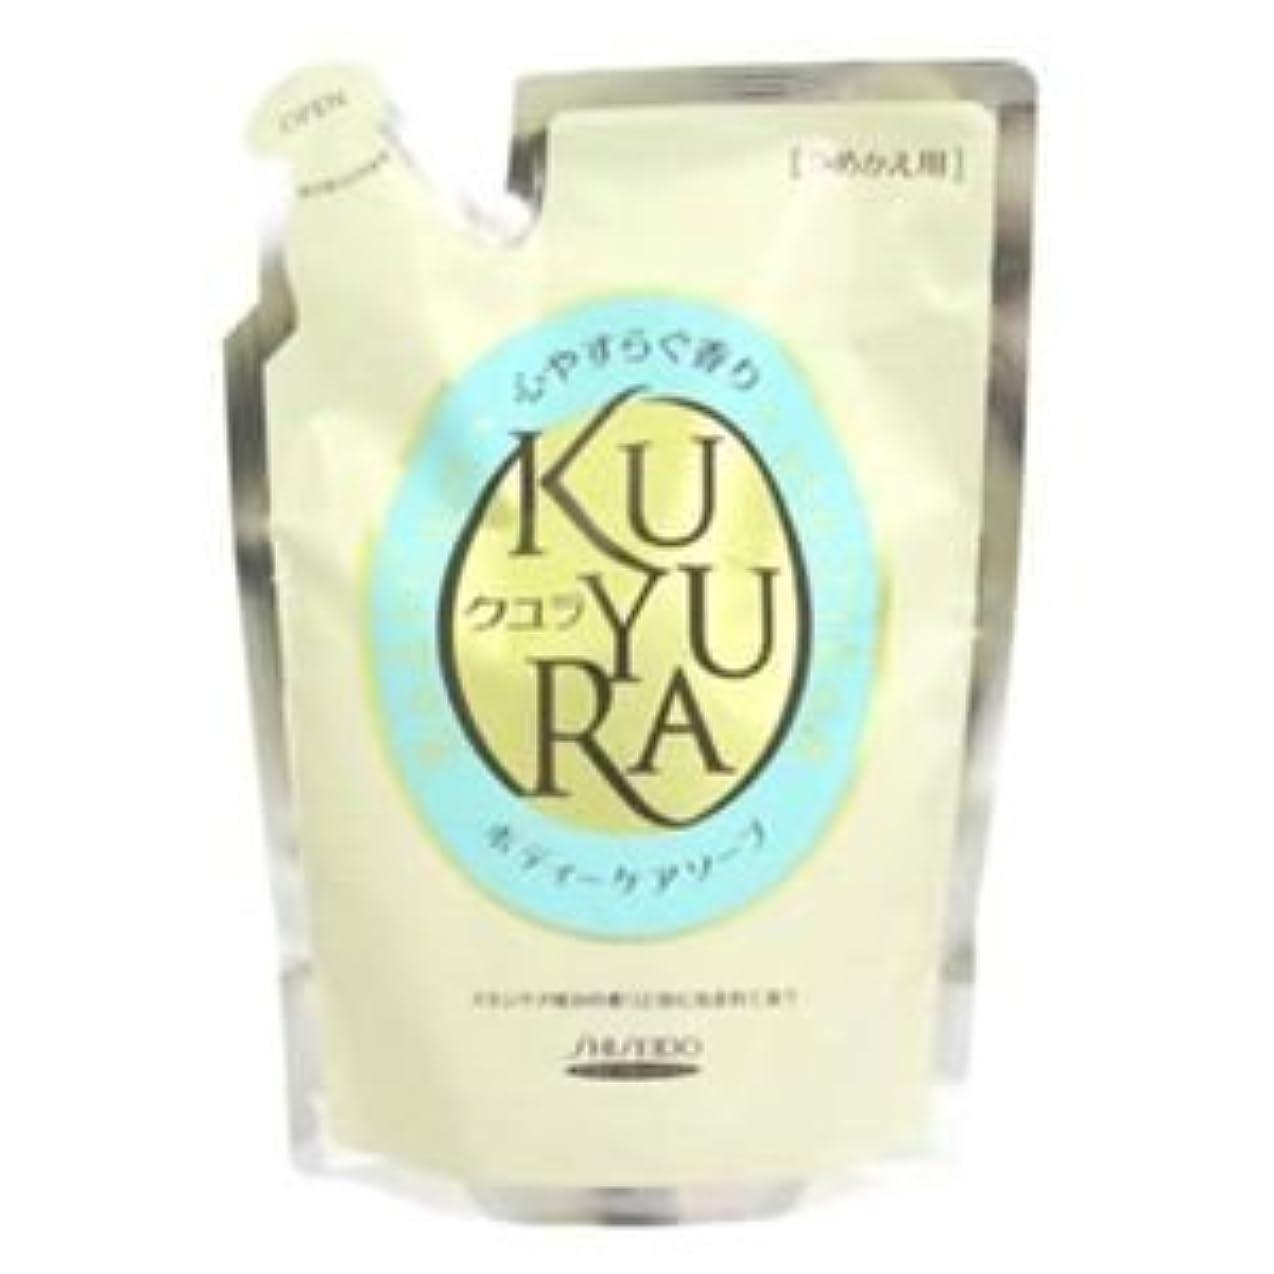 アソシエイト成功する標準クユラ ボディケアソープ 心やすらぐ香り つめかえ用400ml 4セット